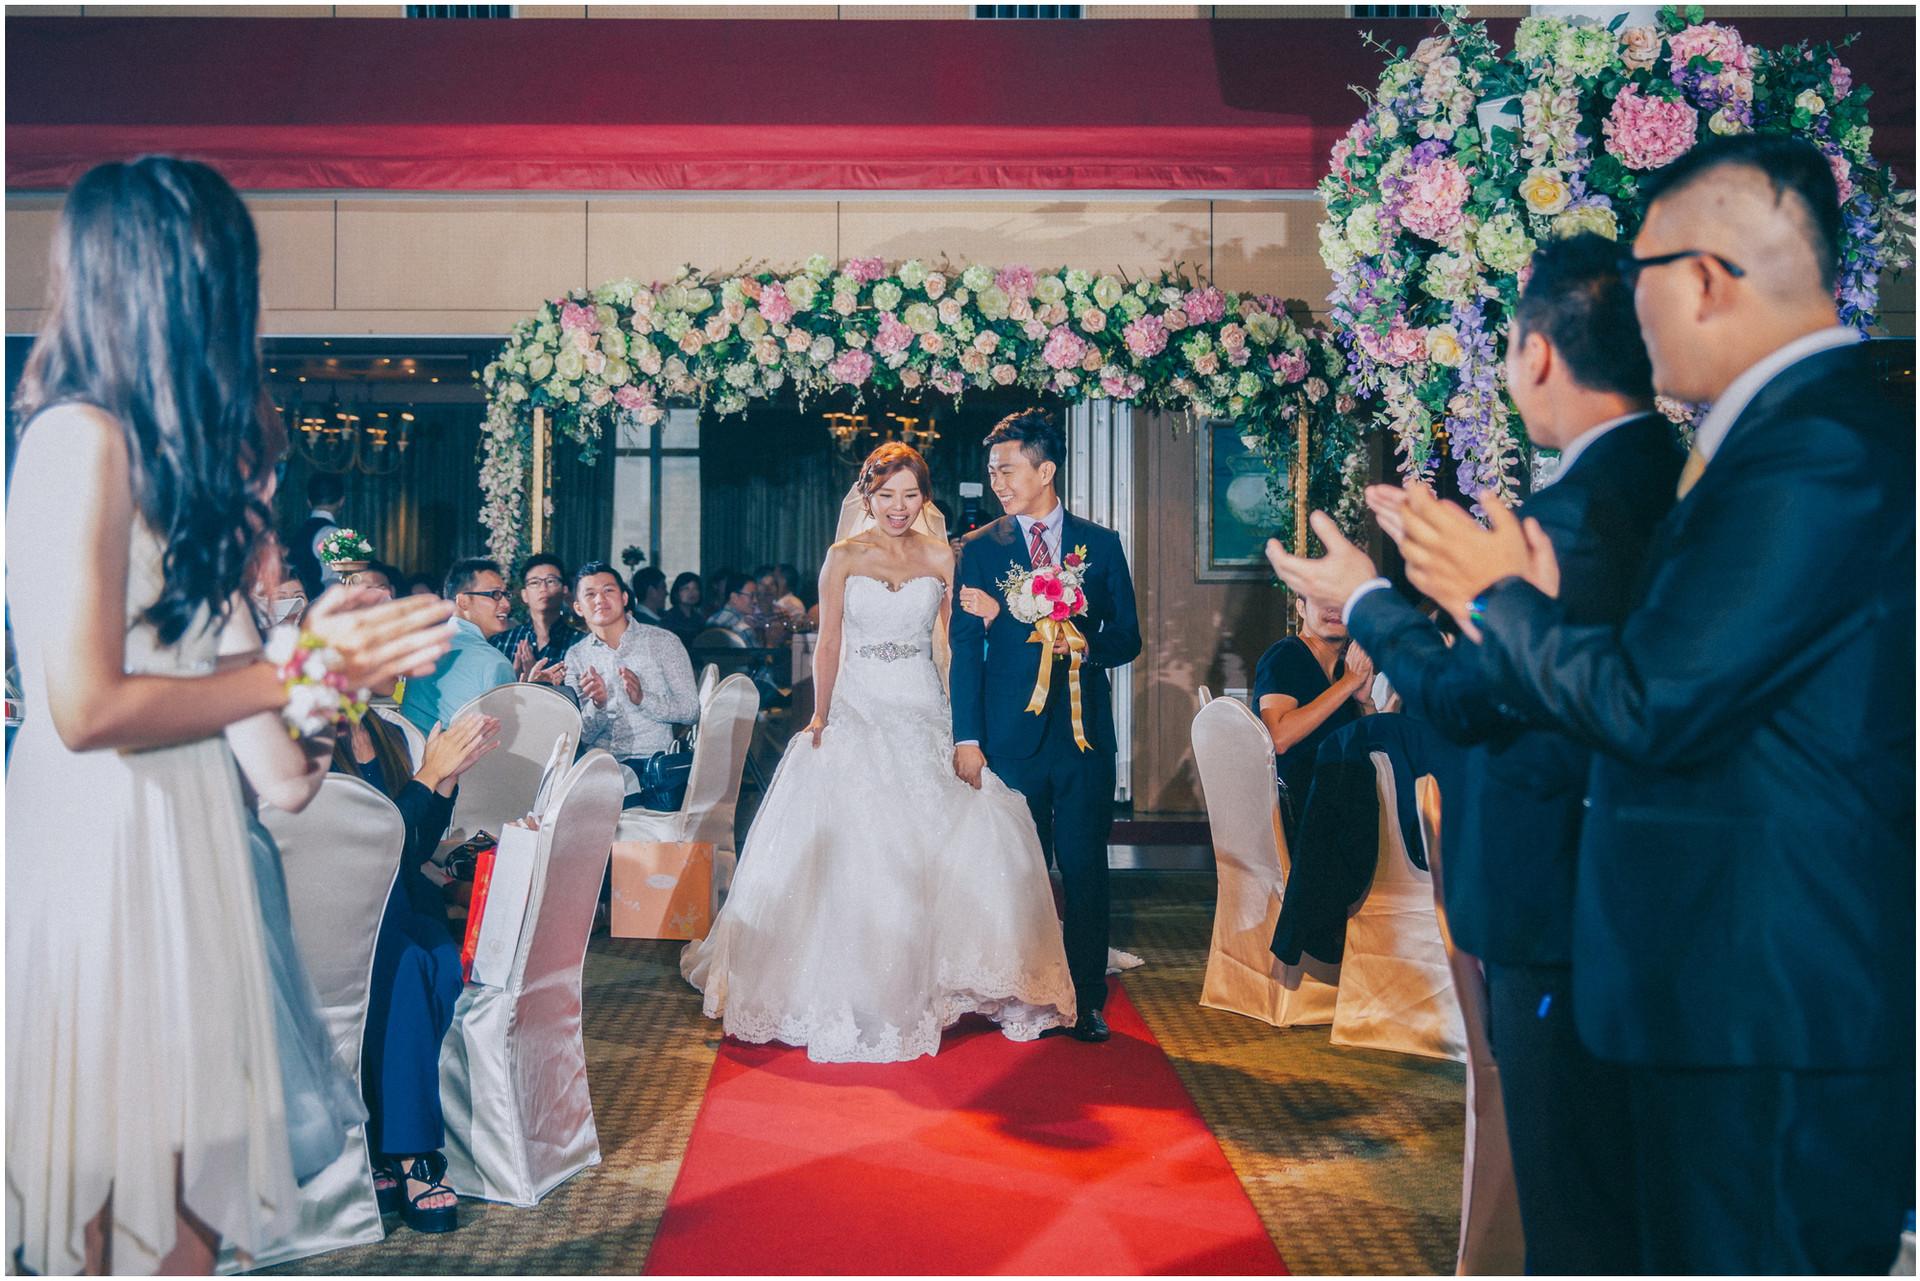 婚禮紀錄 / 平面攝影 / 訂婚 / 結婚 / 類婚紗